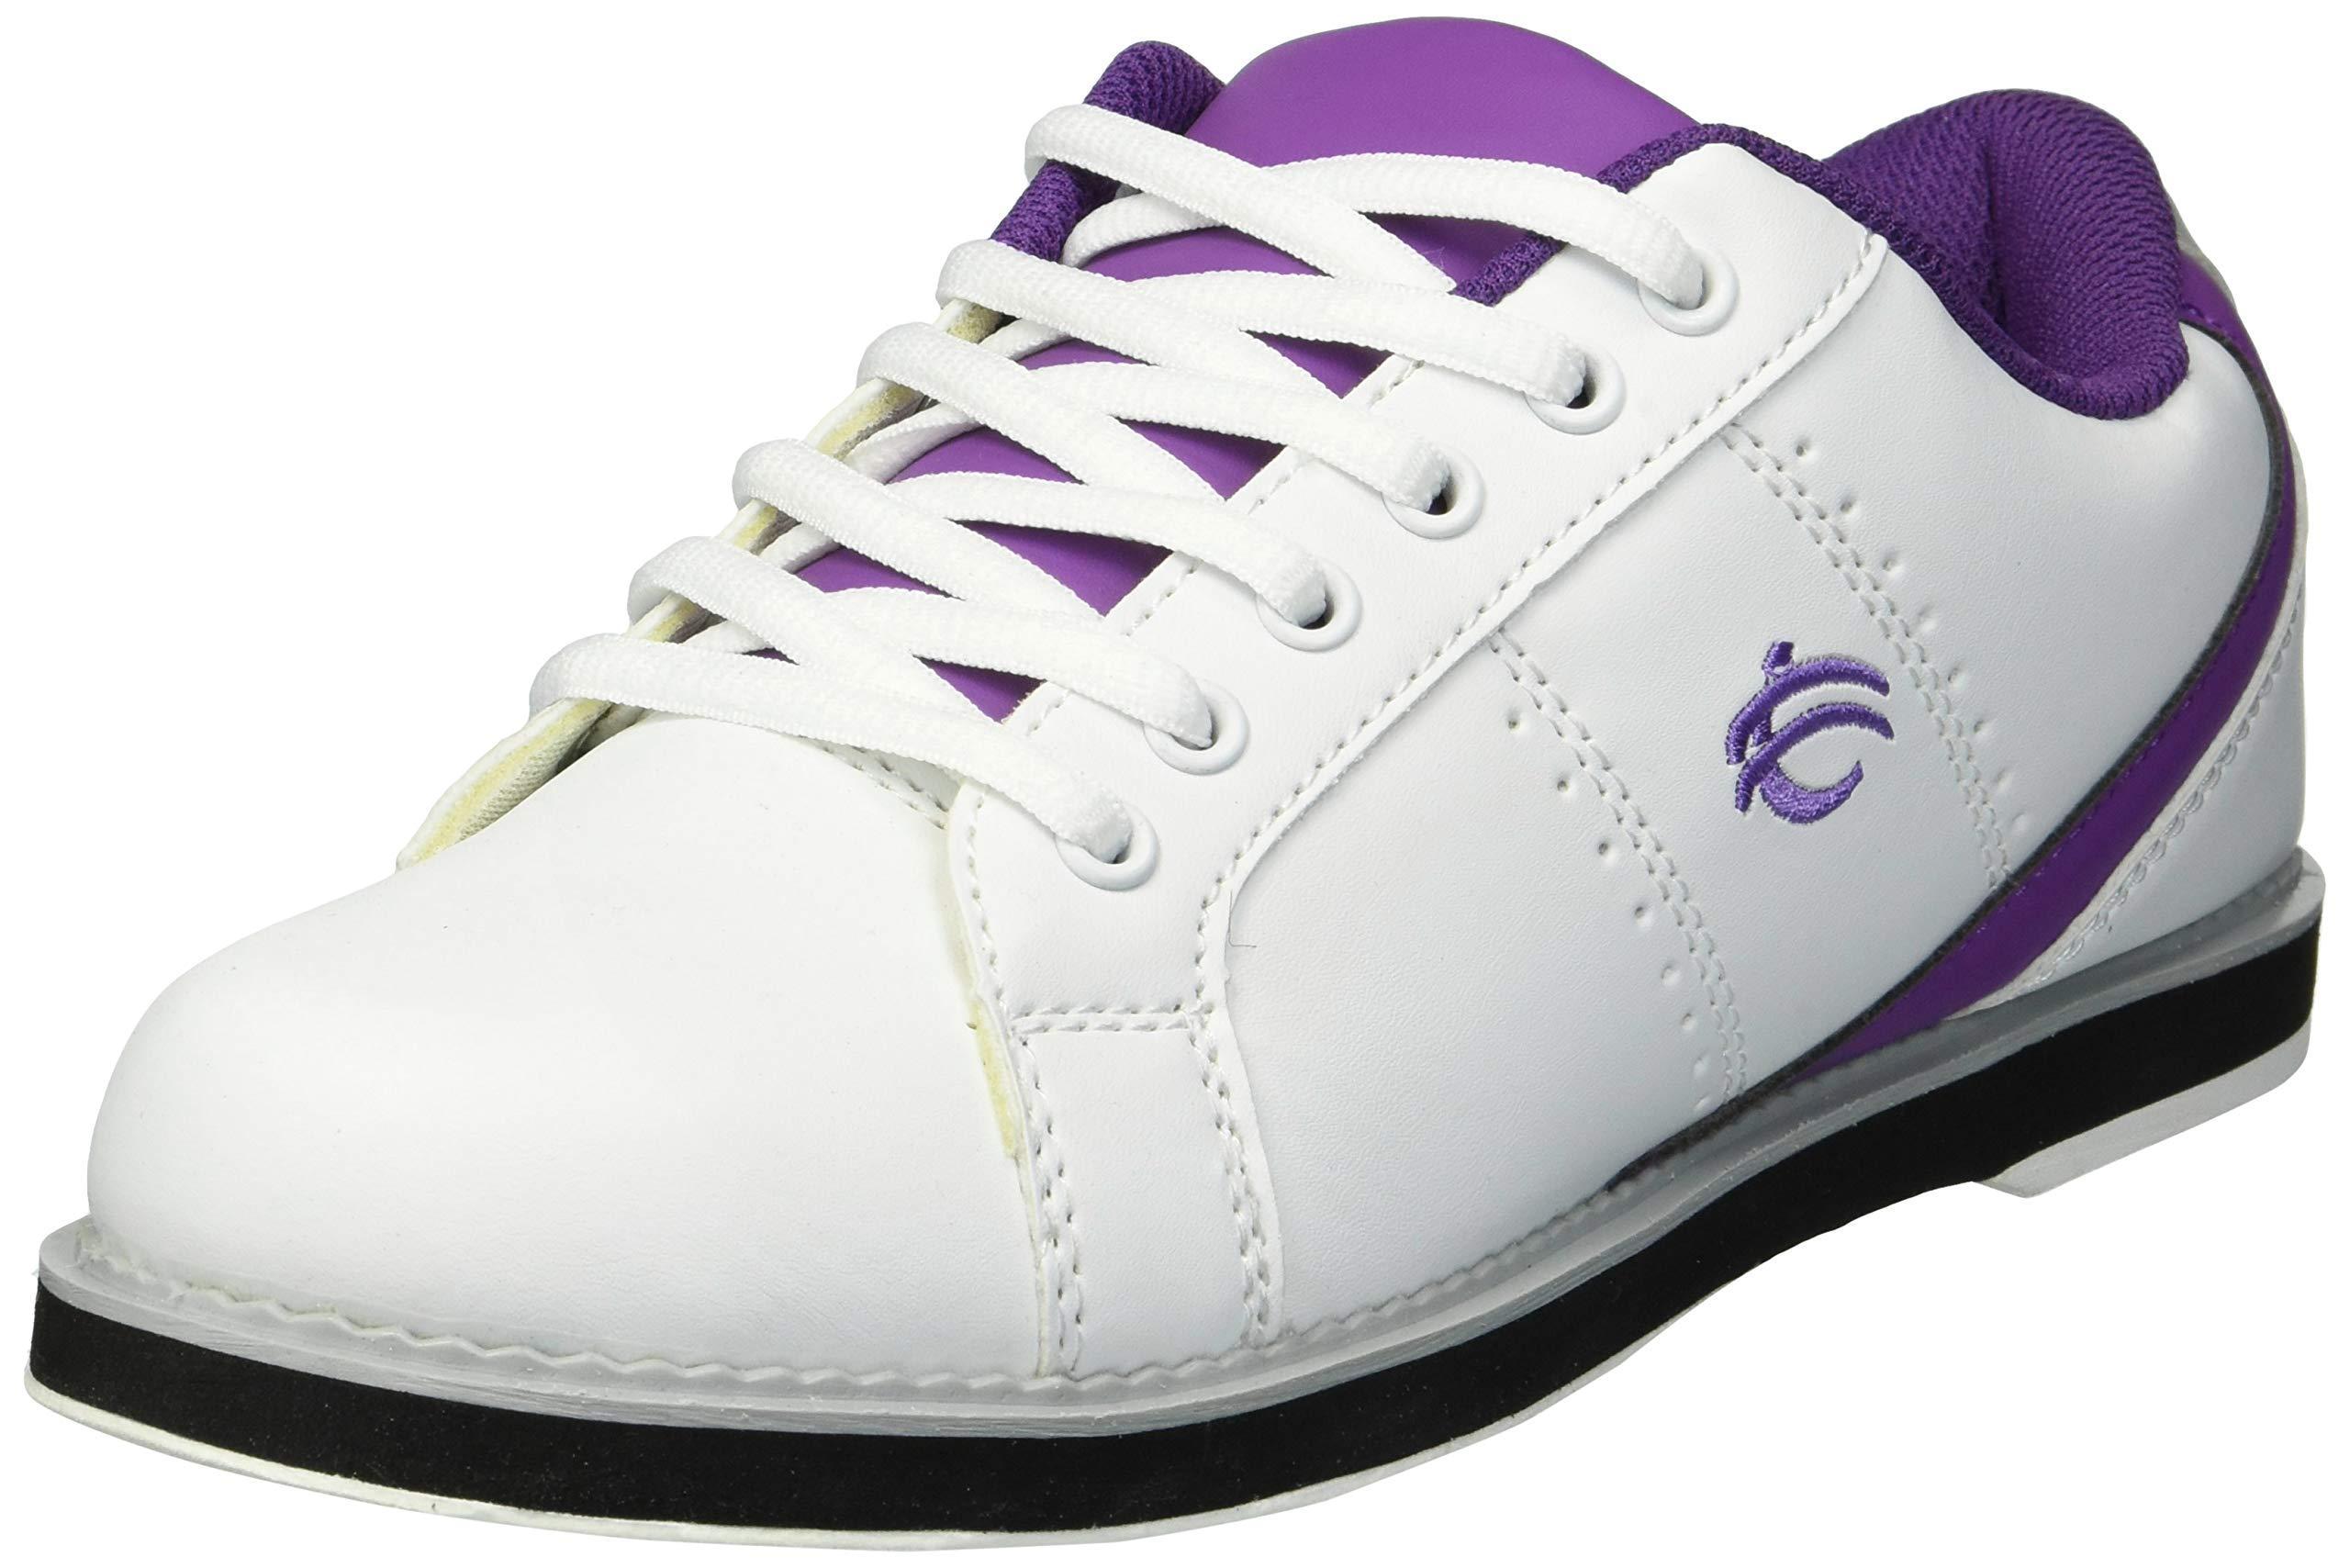 BSI Women's 460 Bowling Shoe, White/Purple, Size 9 by BSI